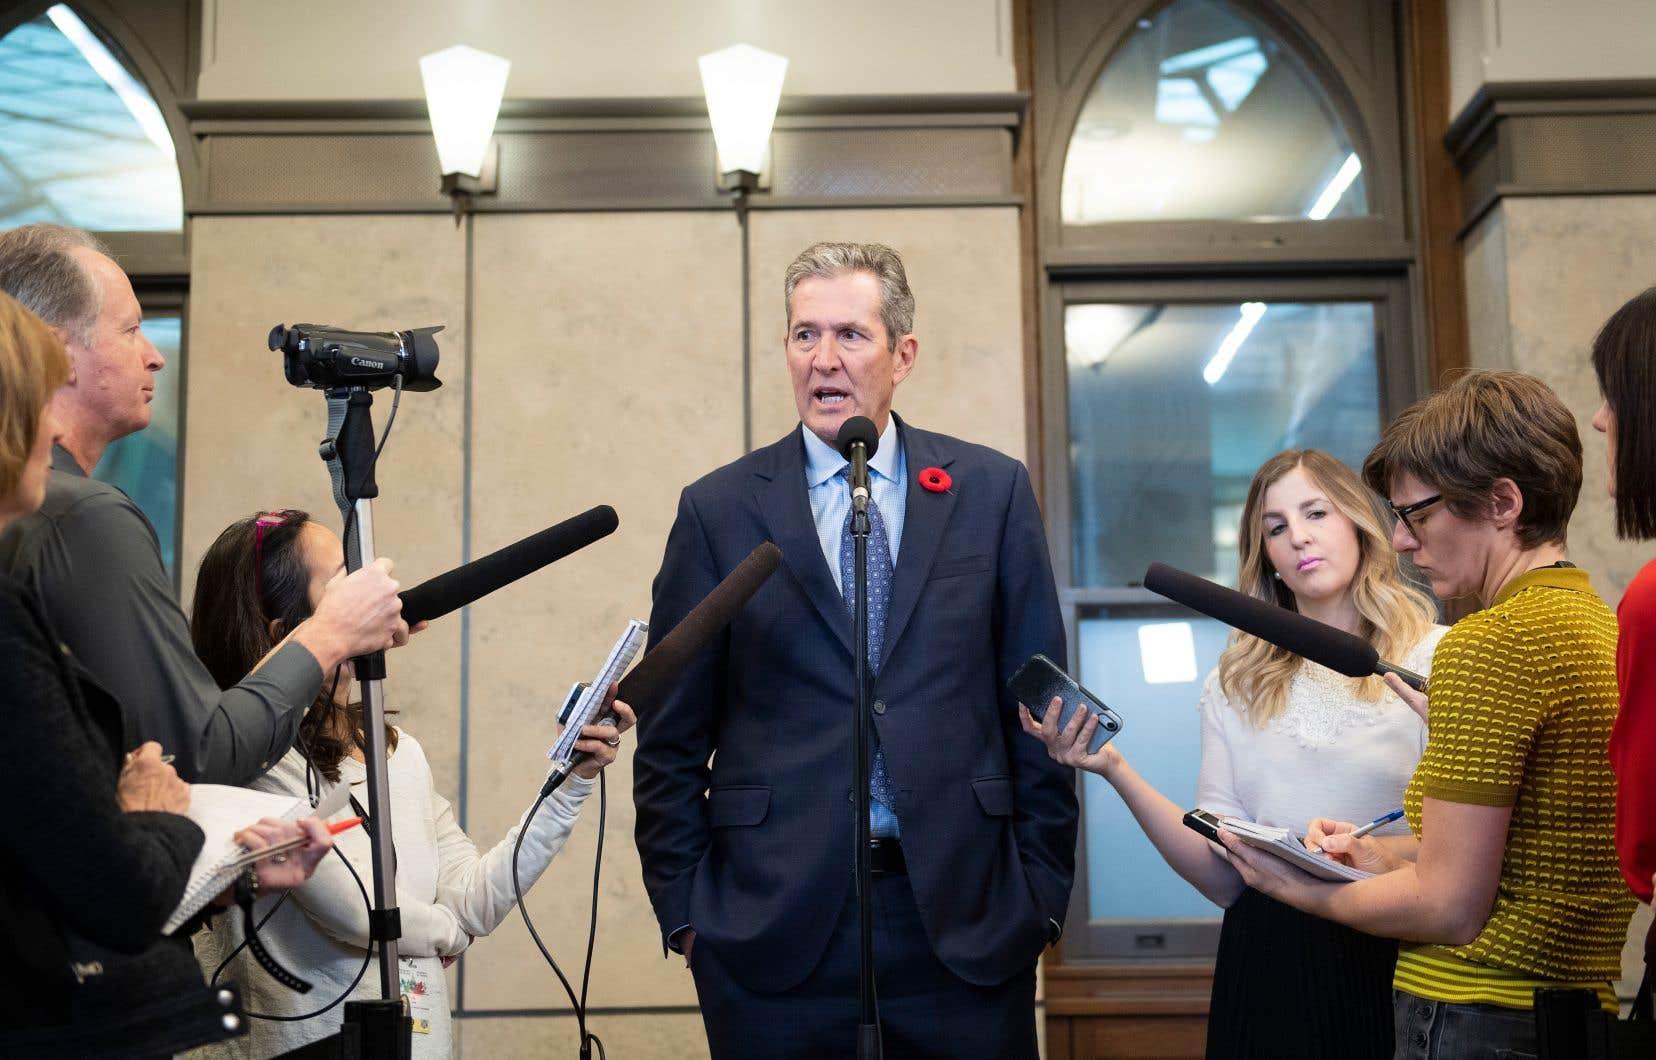 Le premier ministre manitobain, Brian Pallister, était de passage à Ottawa pour rencontrer son homologue fédéral, Justin Trudeau.